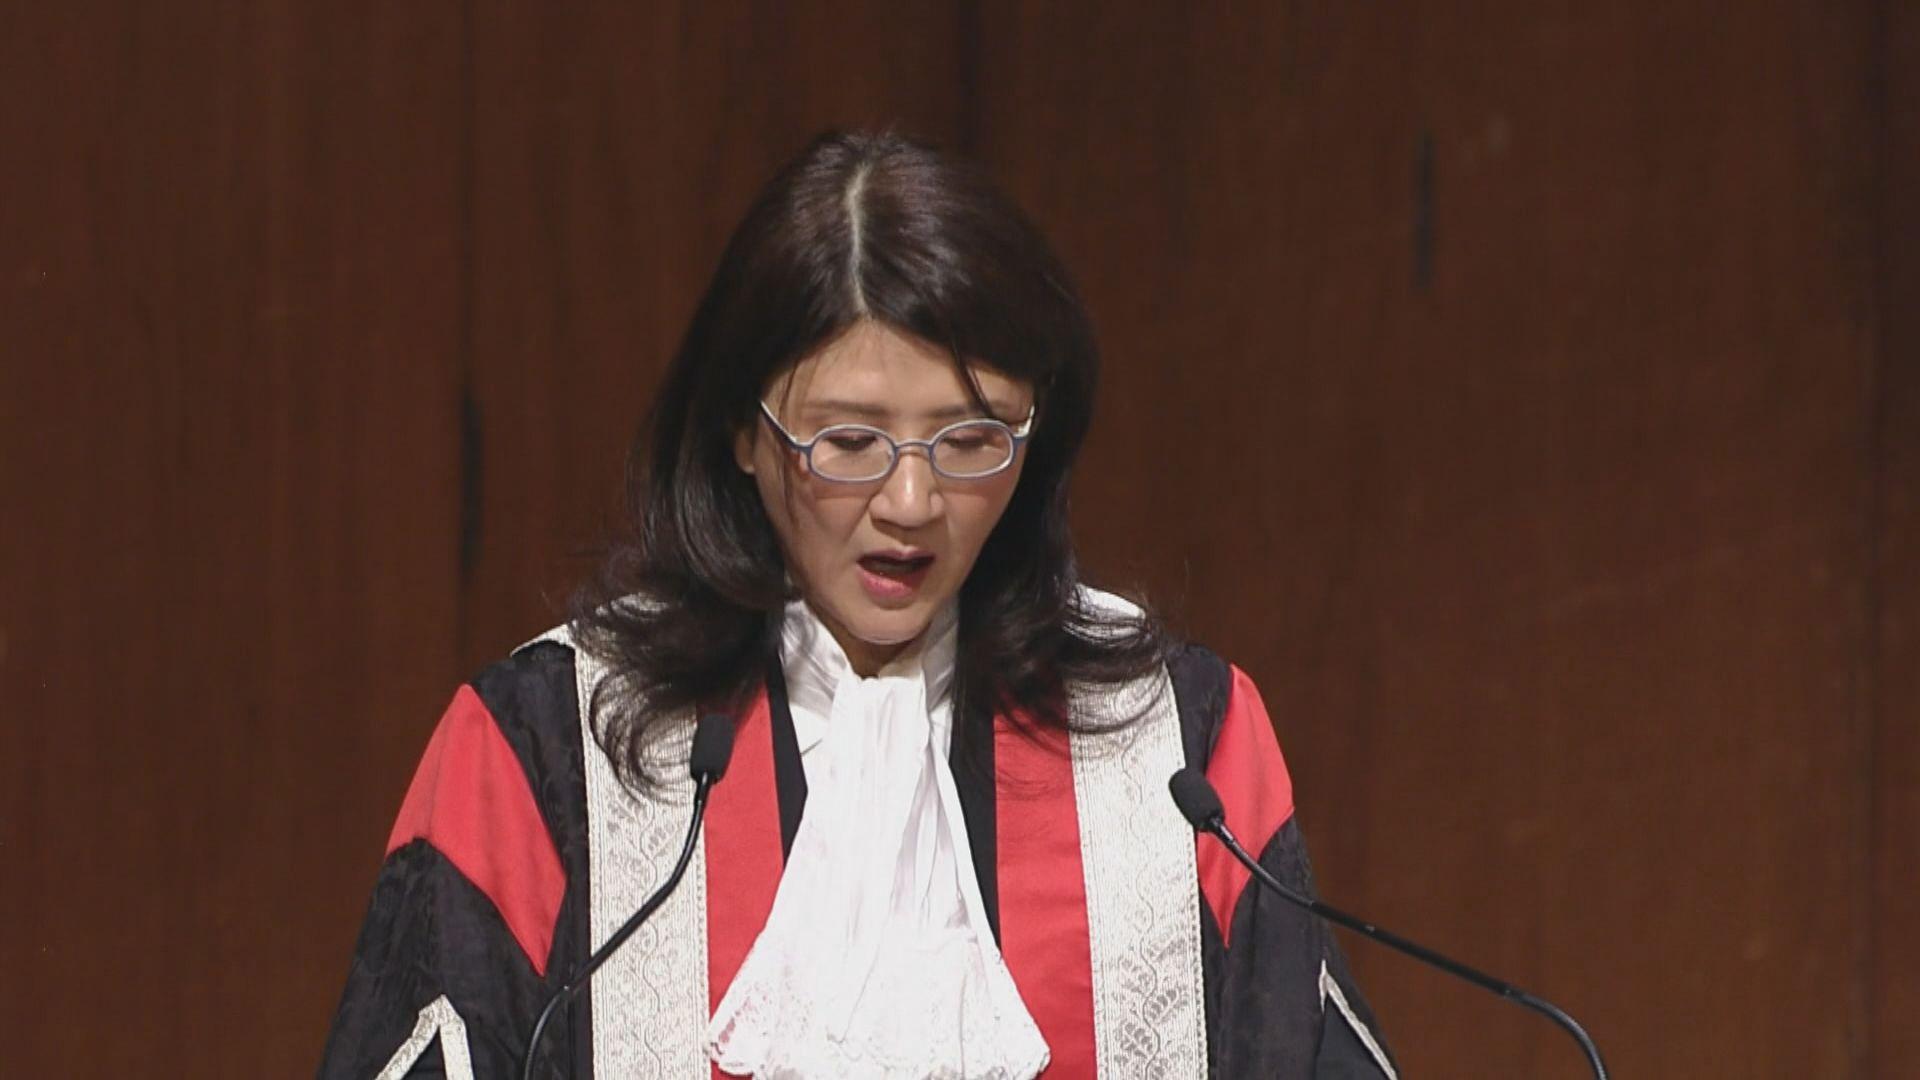 律師會會長:法官完全依法履行職務